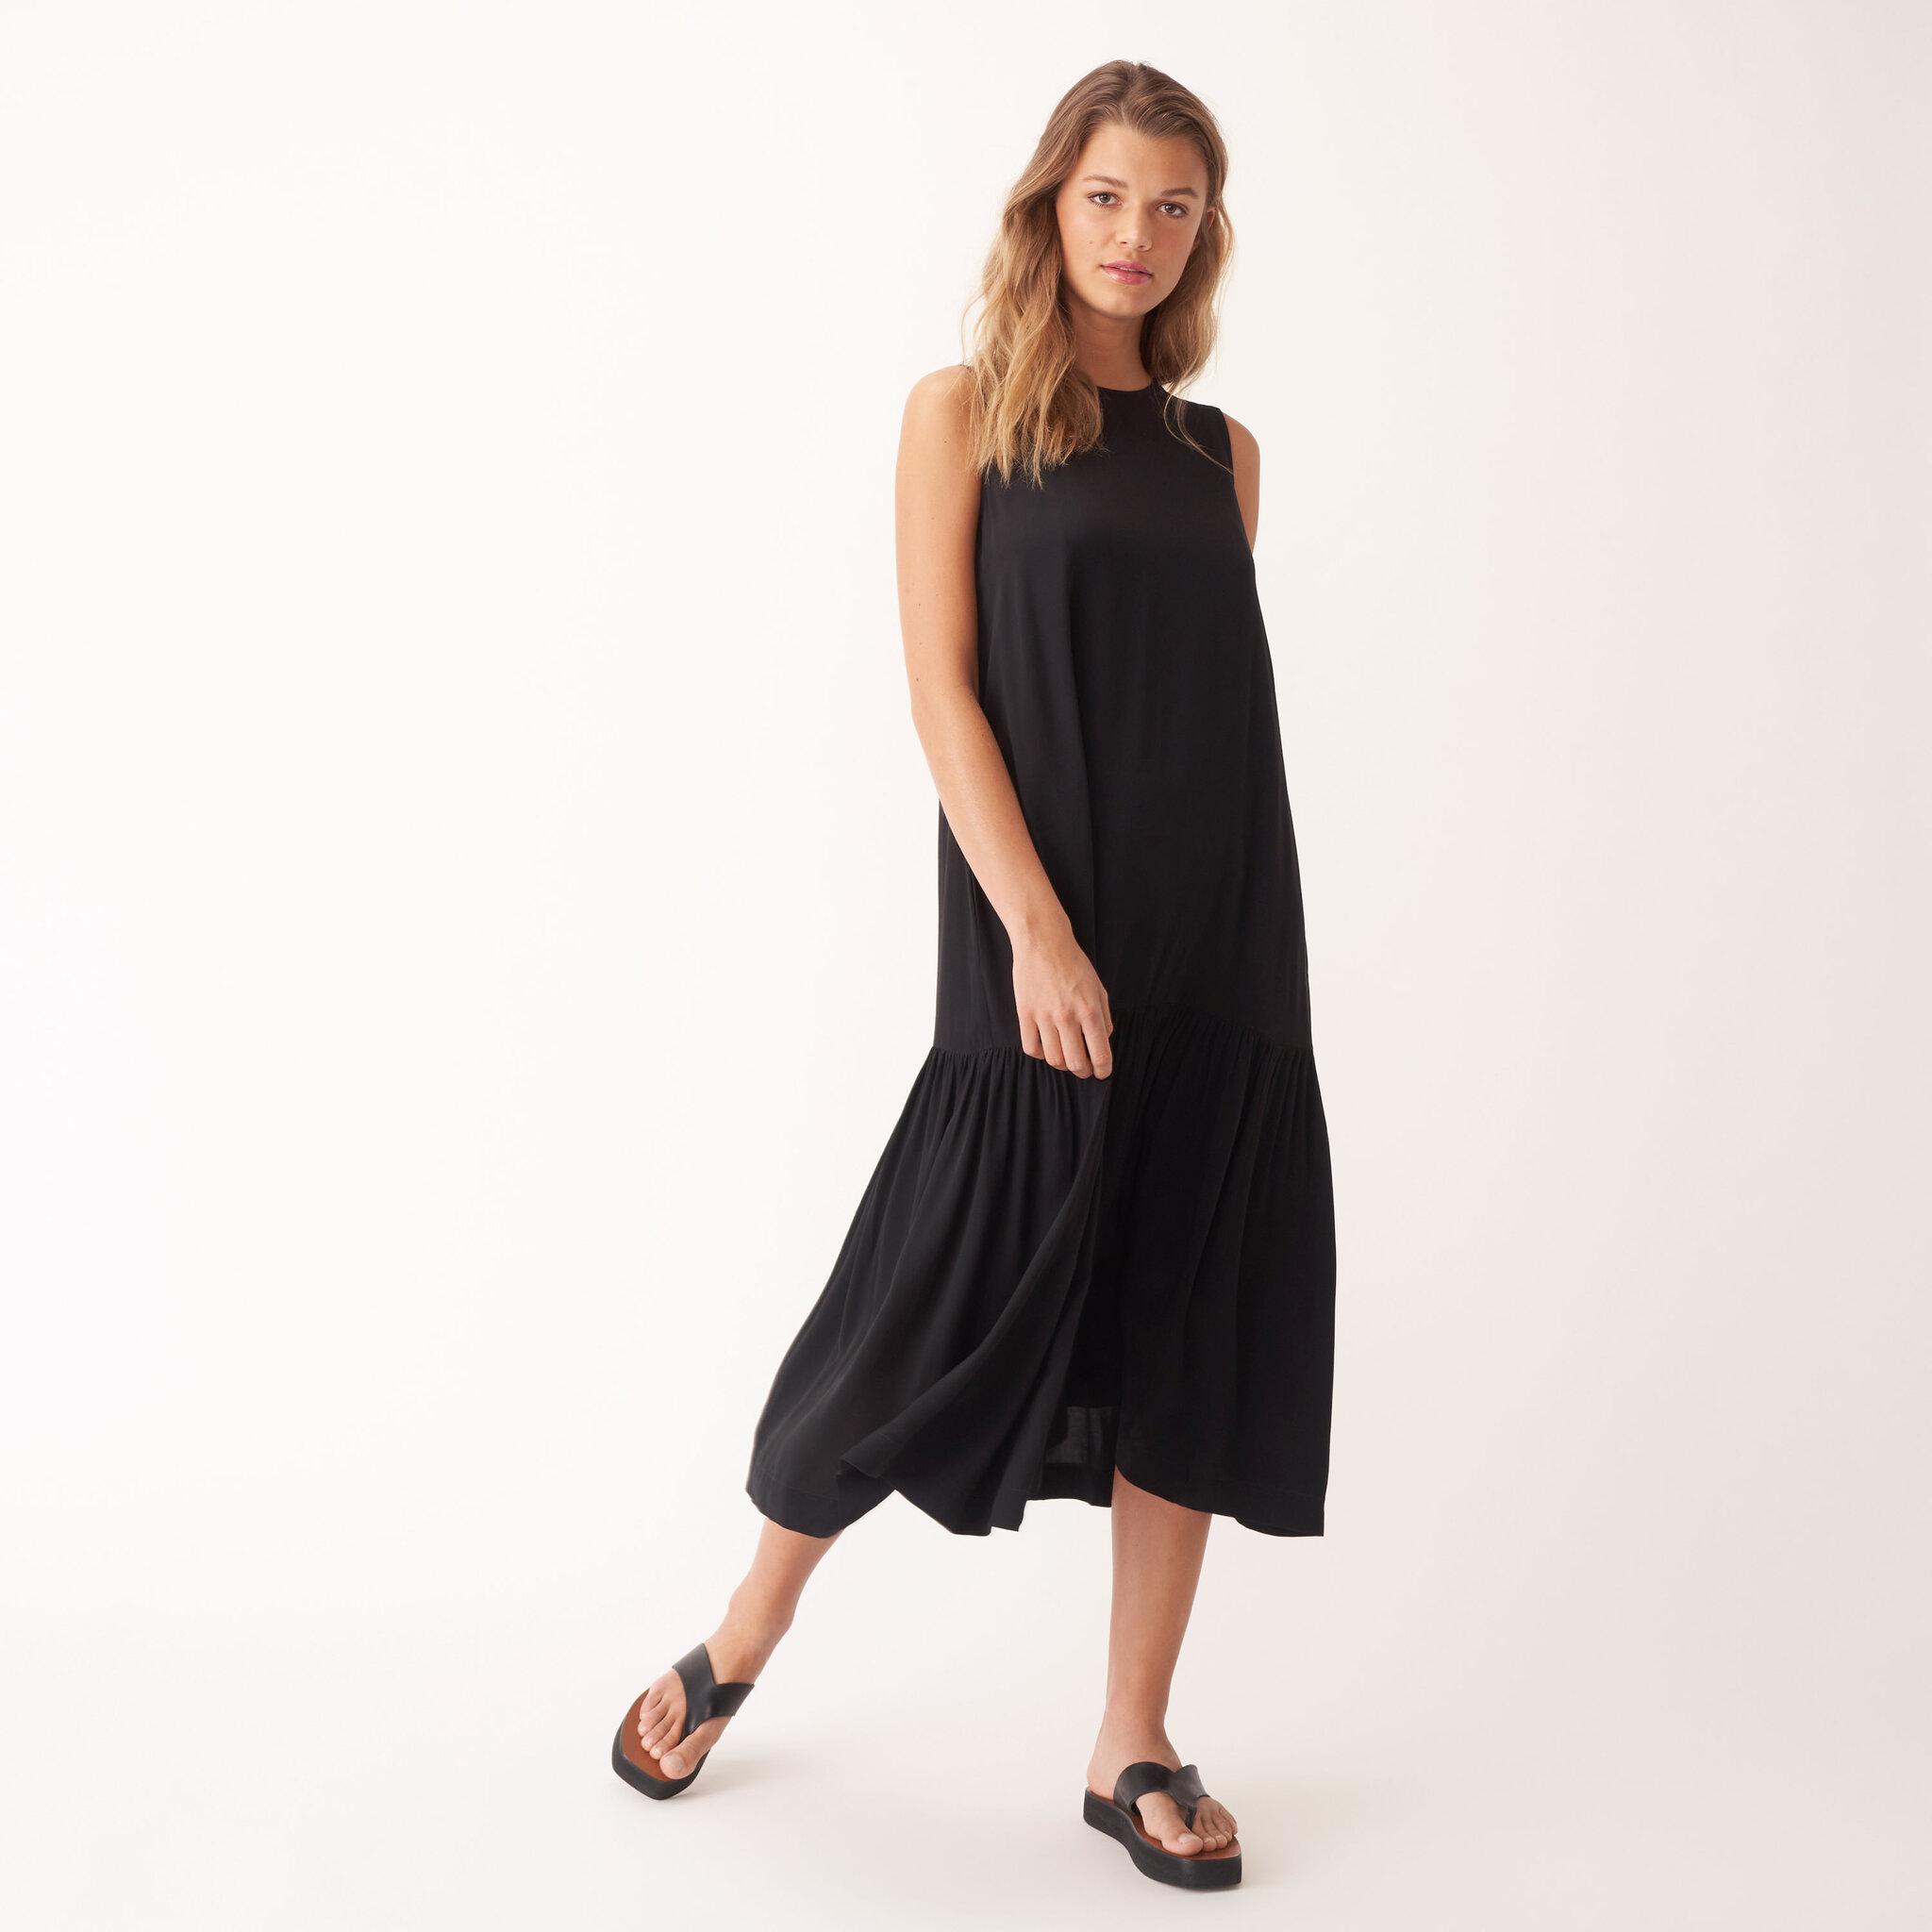 Midiklänning LALANNE